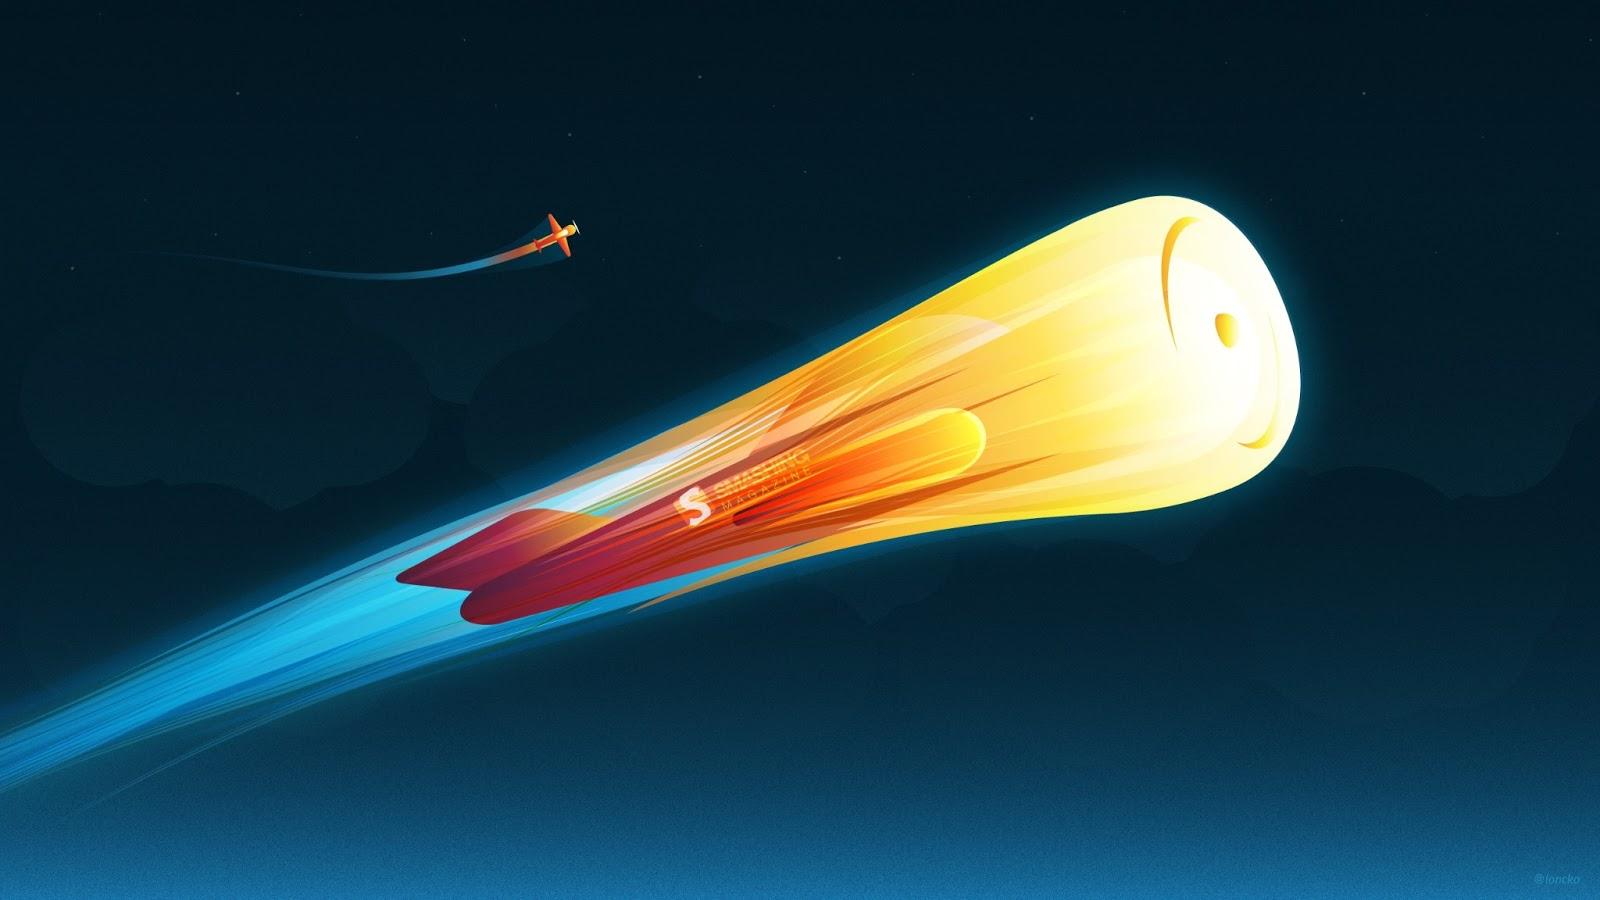 http://4.bp.blogspot.com/-CjK094vKSaA/UQXuDVEHphI/AAAAAAAAaCU/oqcqDBrzjQ8/s1600/fire_rocket-2560x1440.jpg